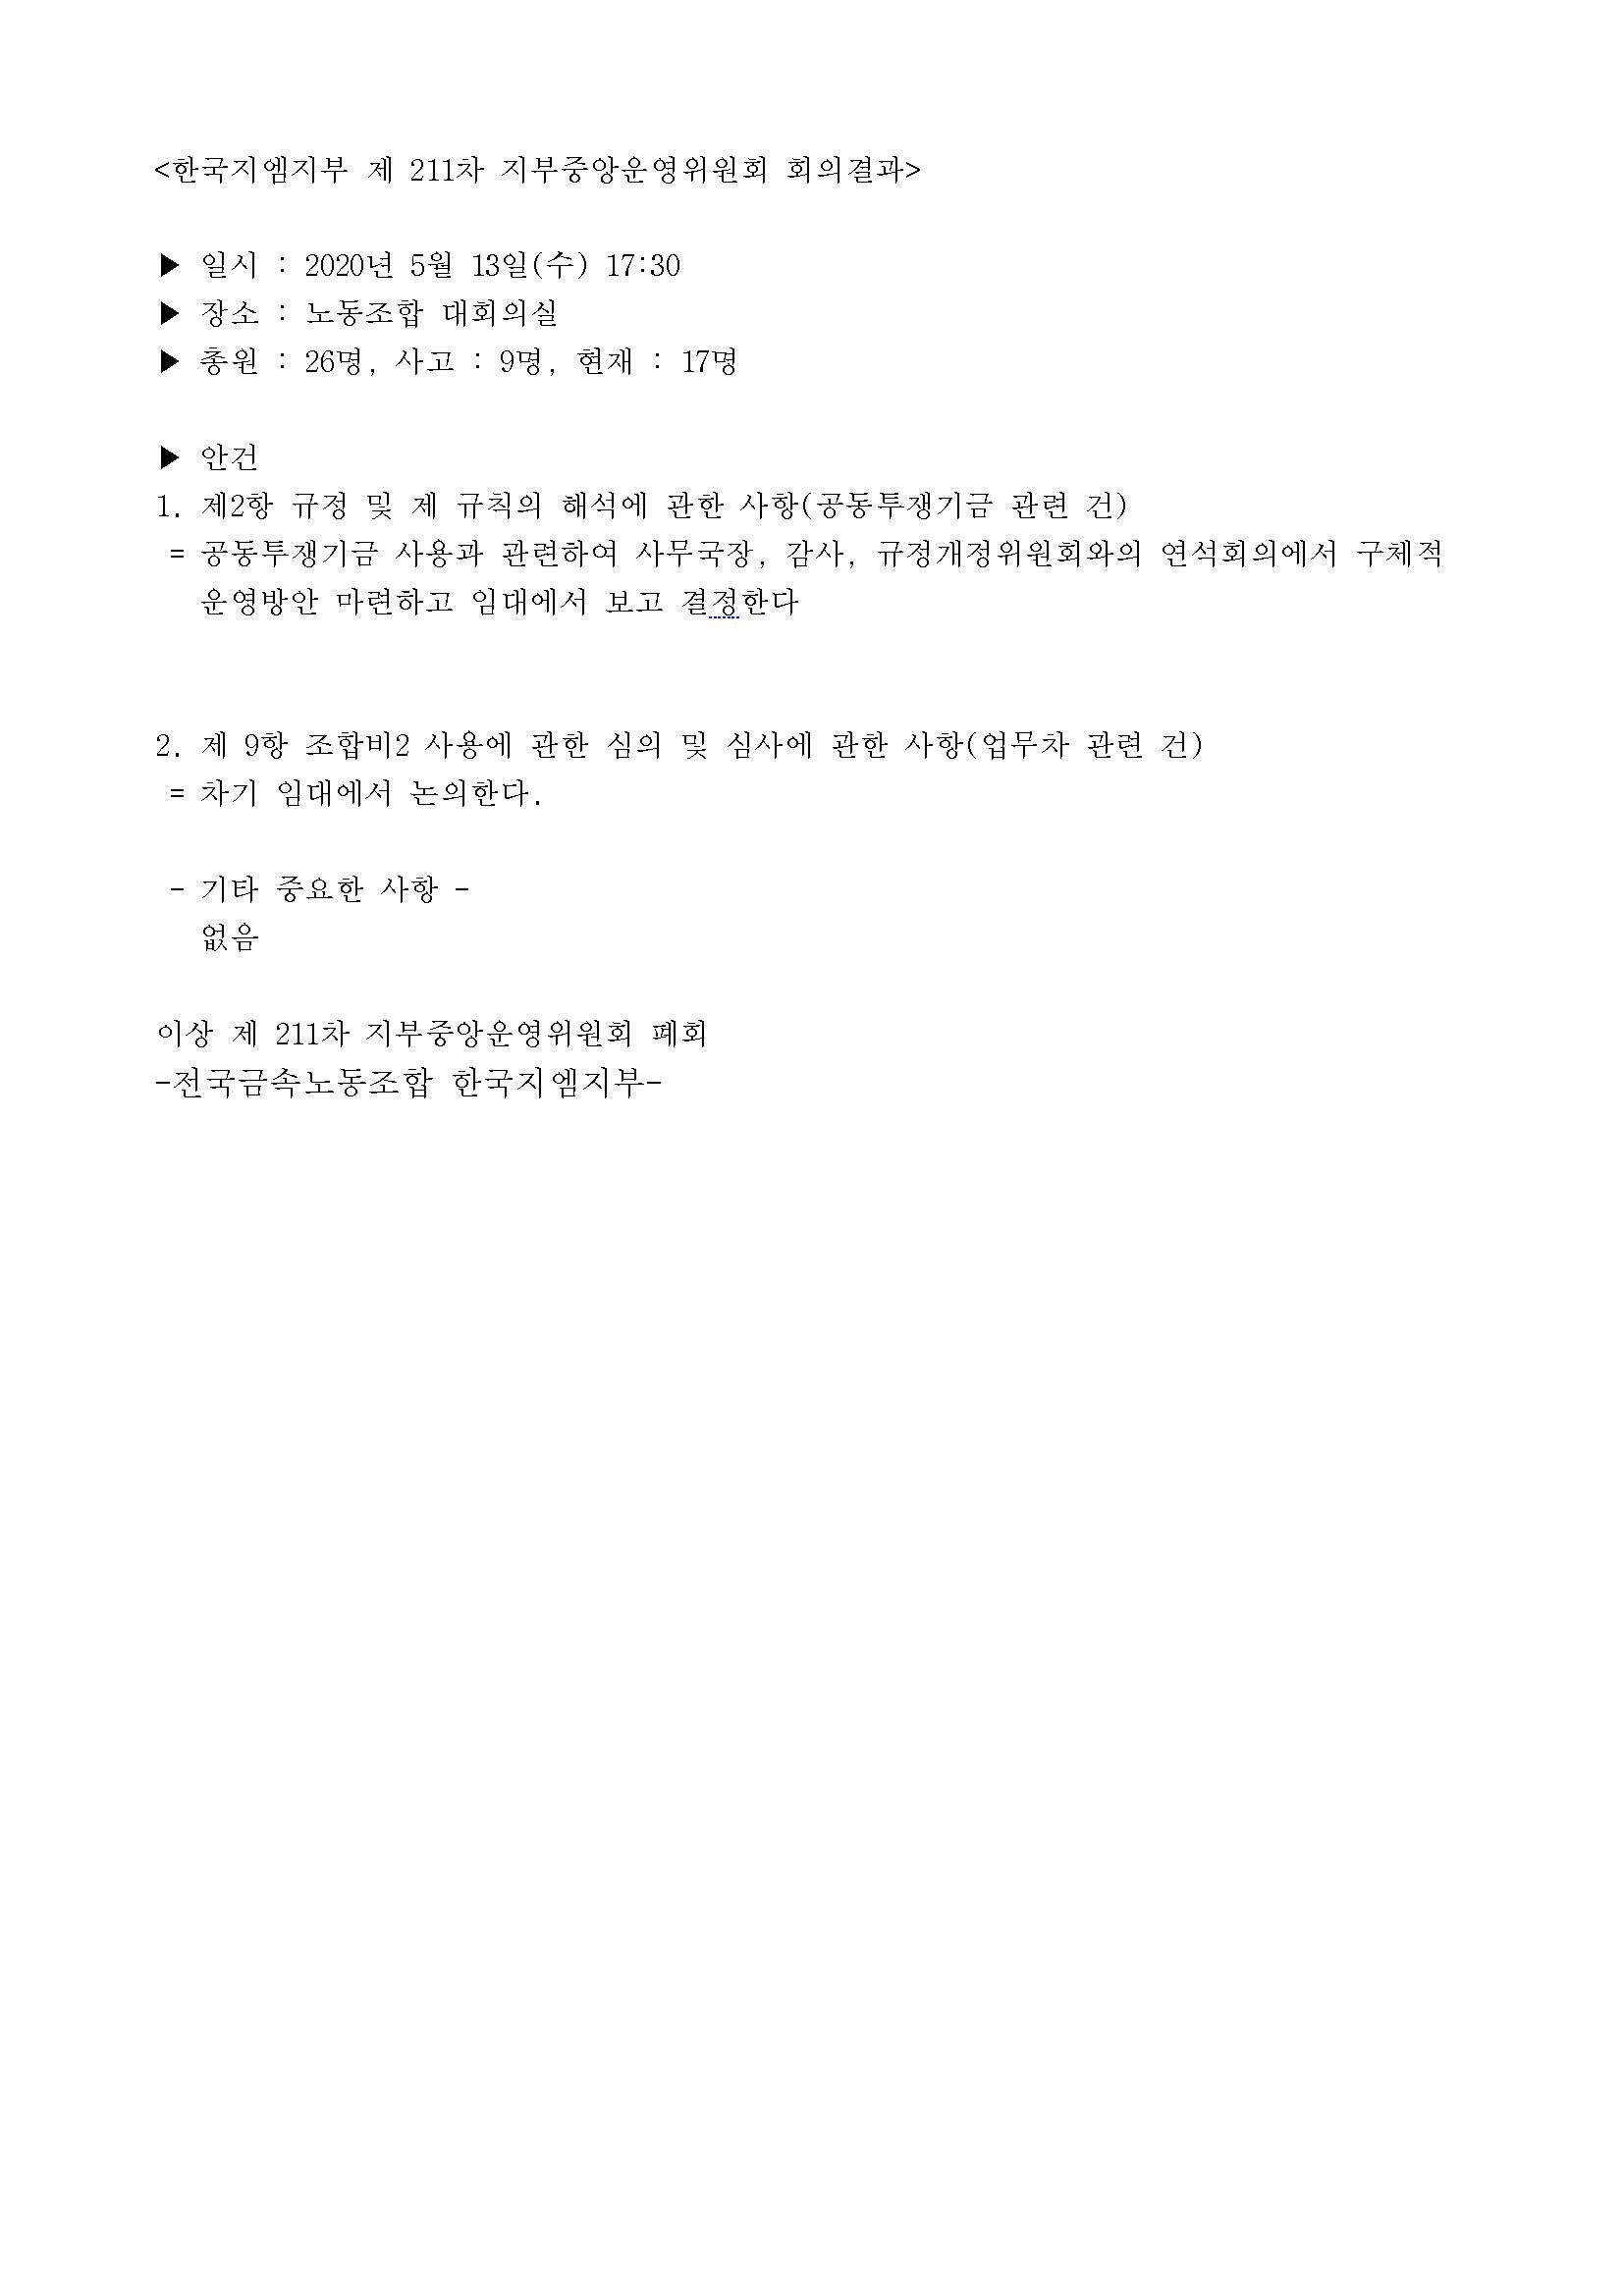 제 211차 지부중앙운영위원회 회의결과.jpg